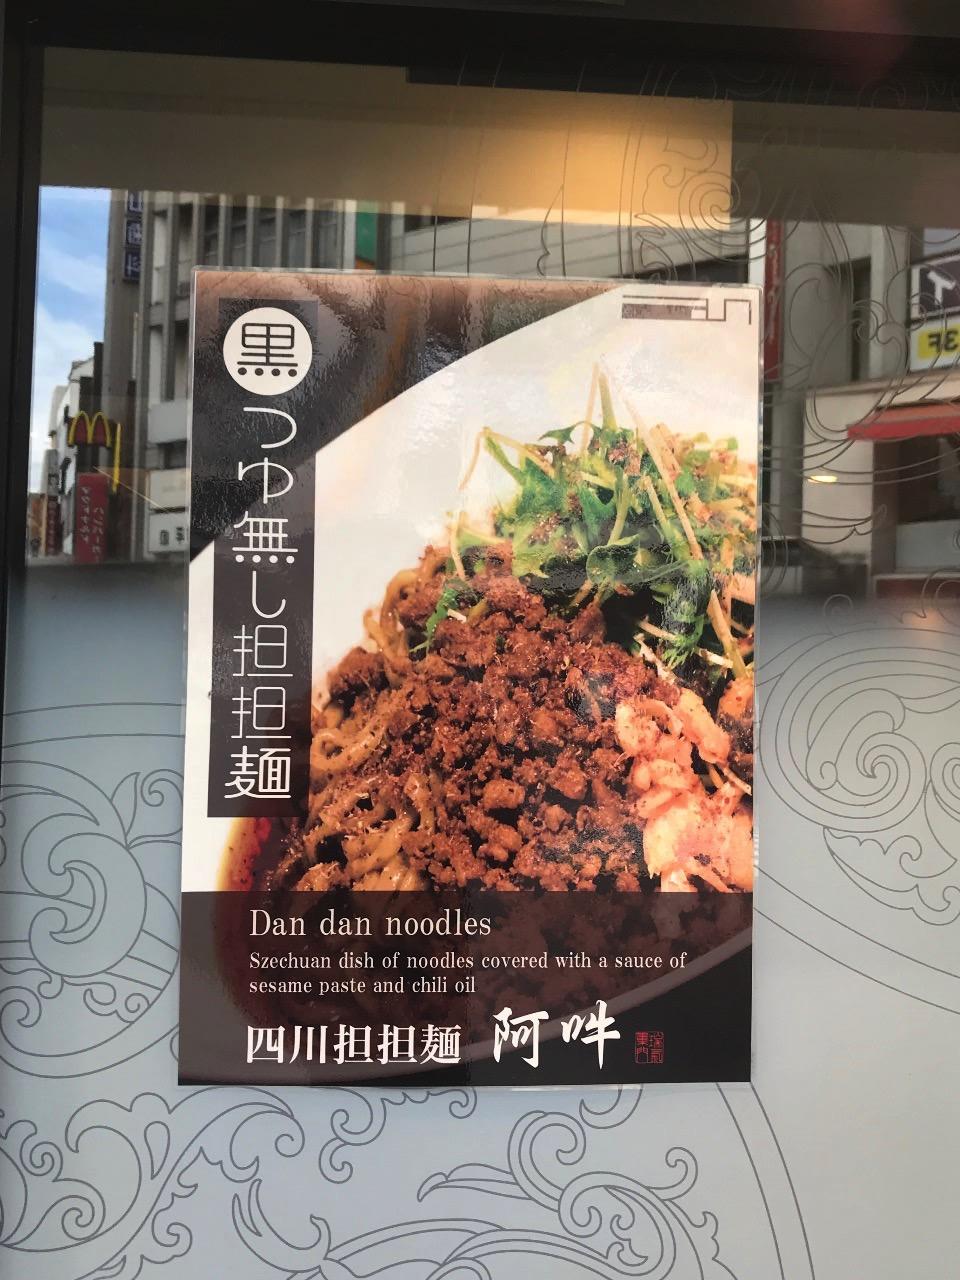 四川担々麺 阿吽 つゆ無し担々麺